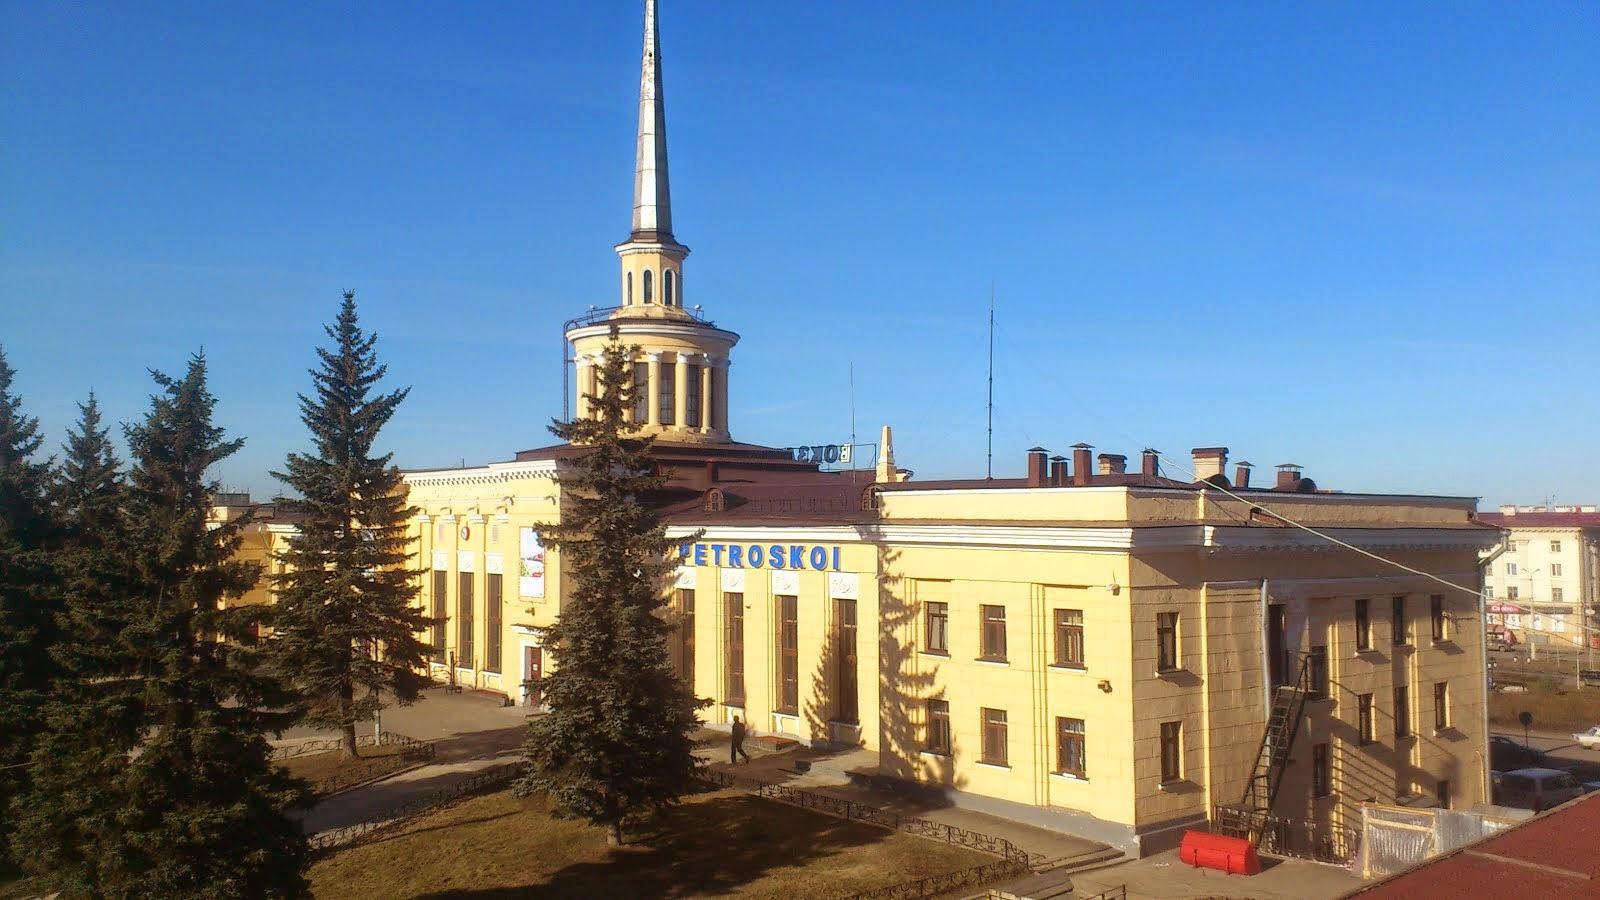 Petroskoin rautatieasema